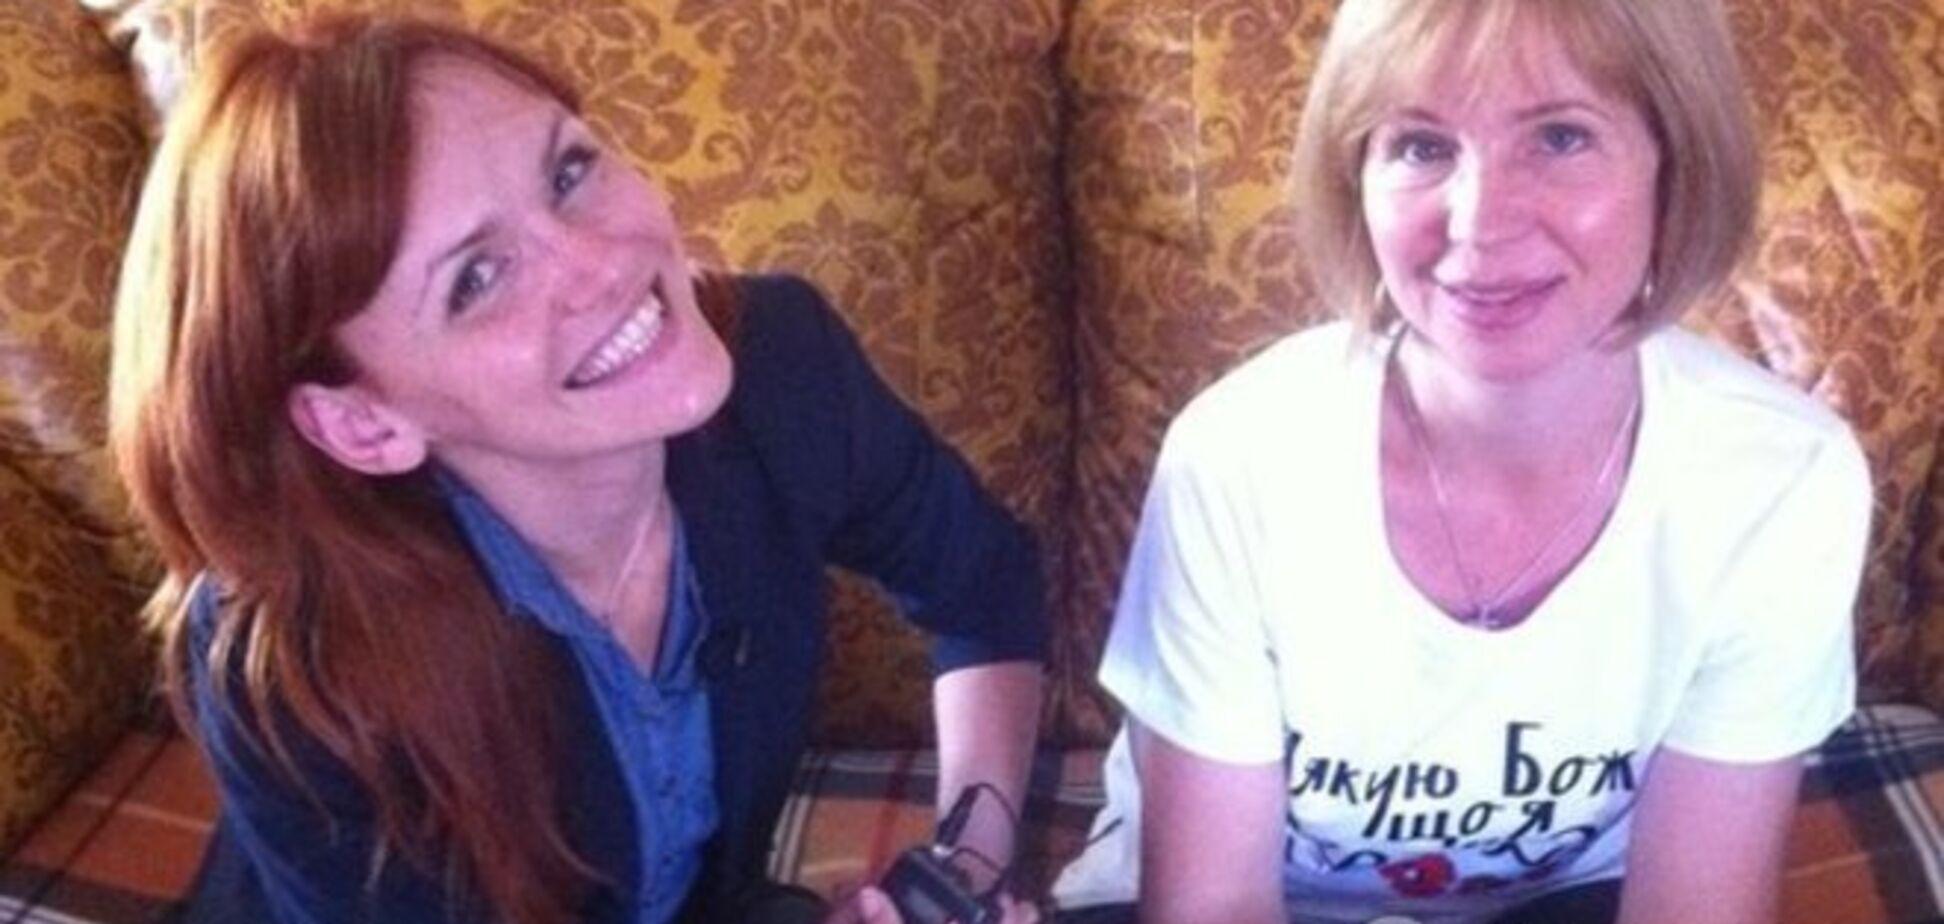 Ирина Довгань, которую истязали ДНРовцы: 'Нормальных людей в Донбассе заключили в тюрьму'